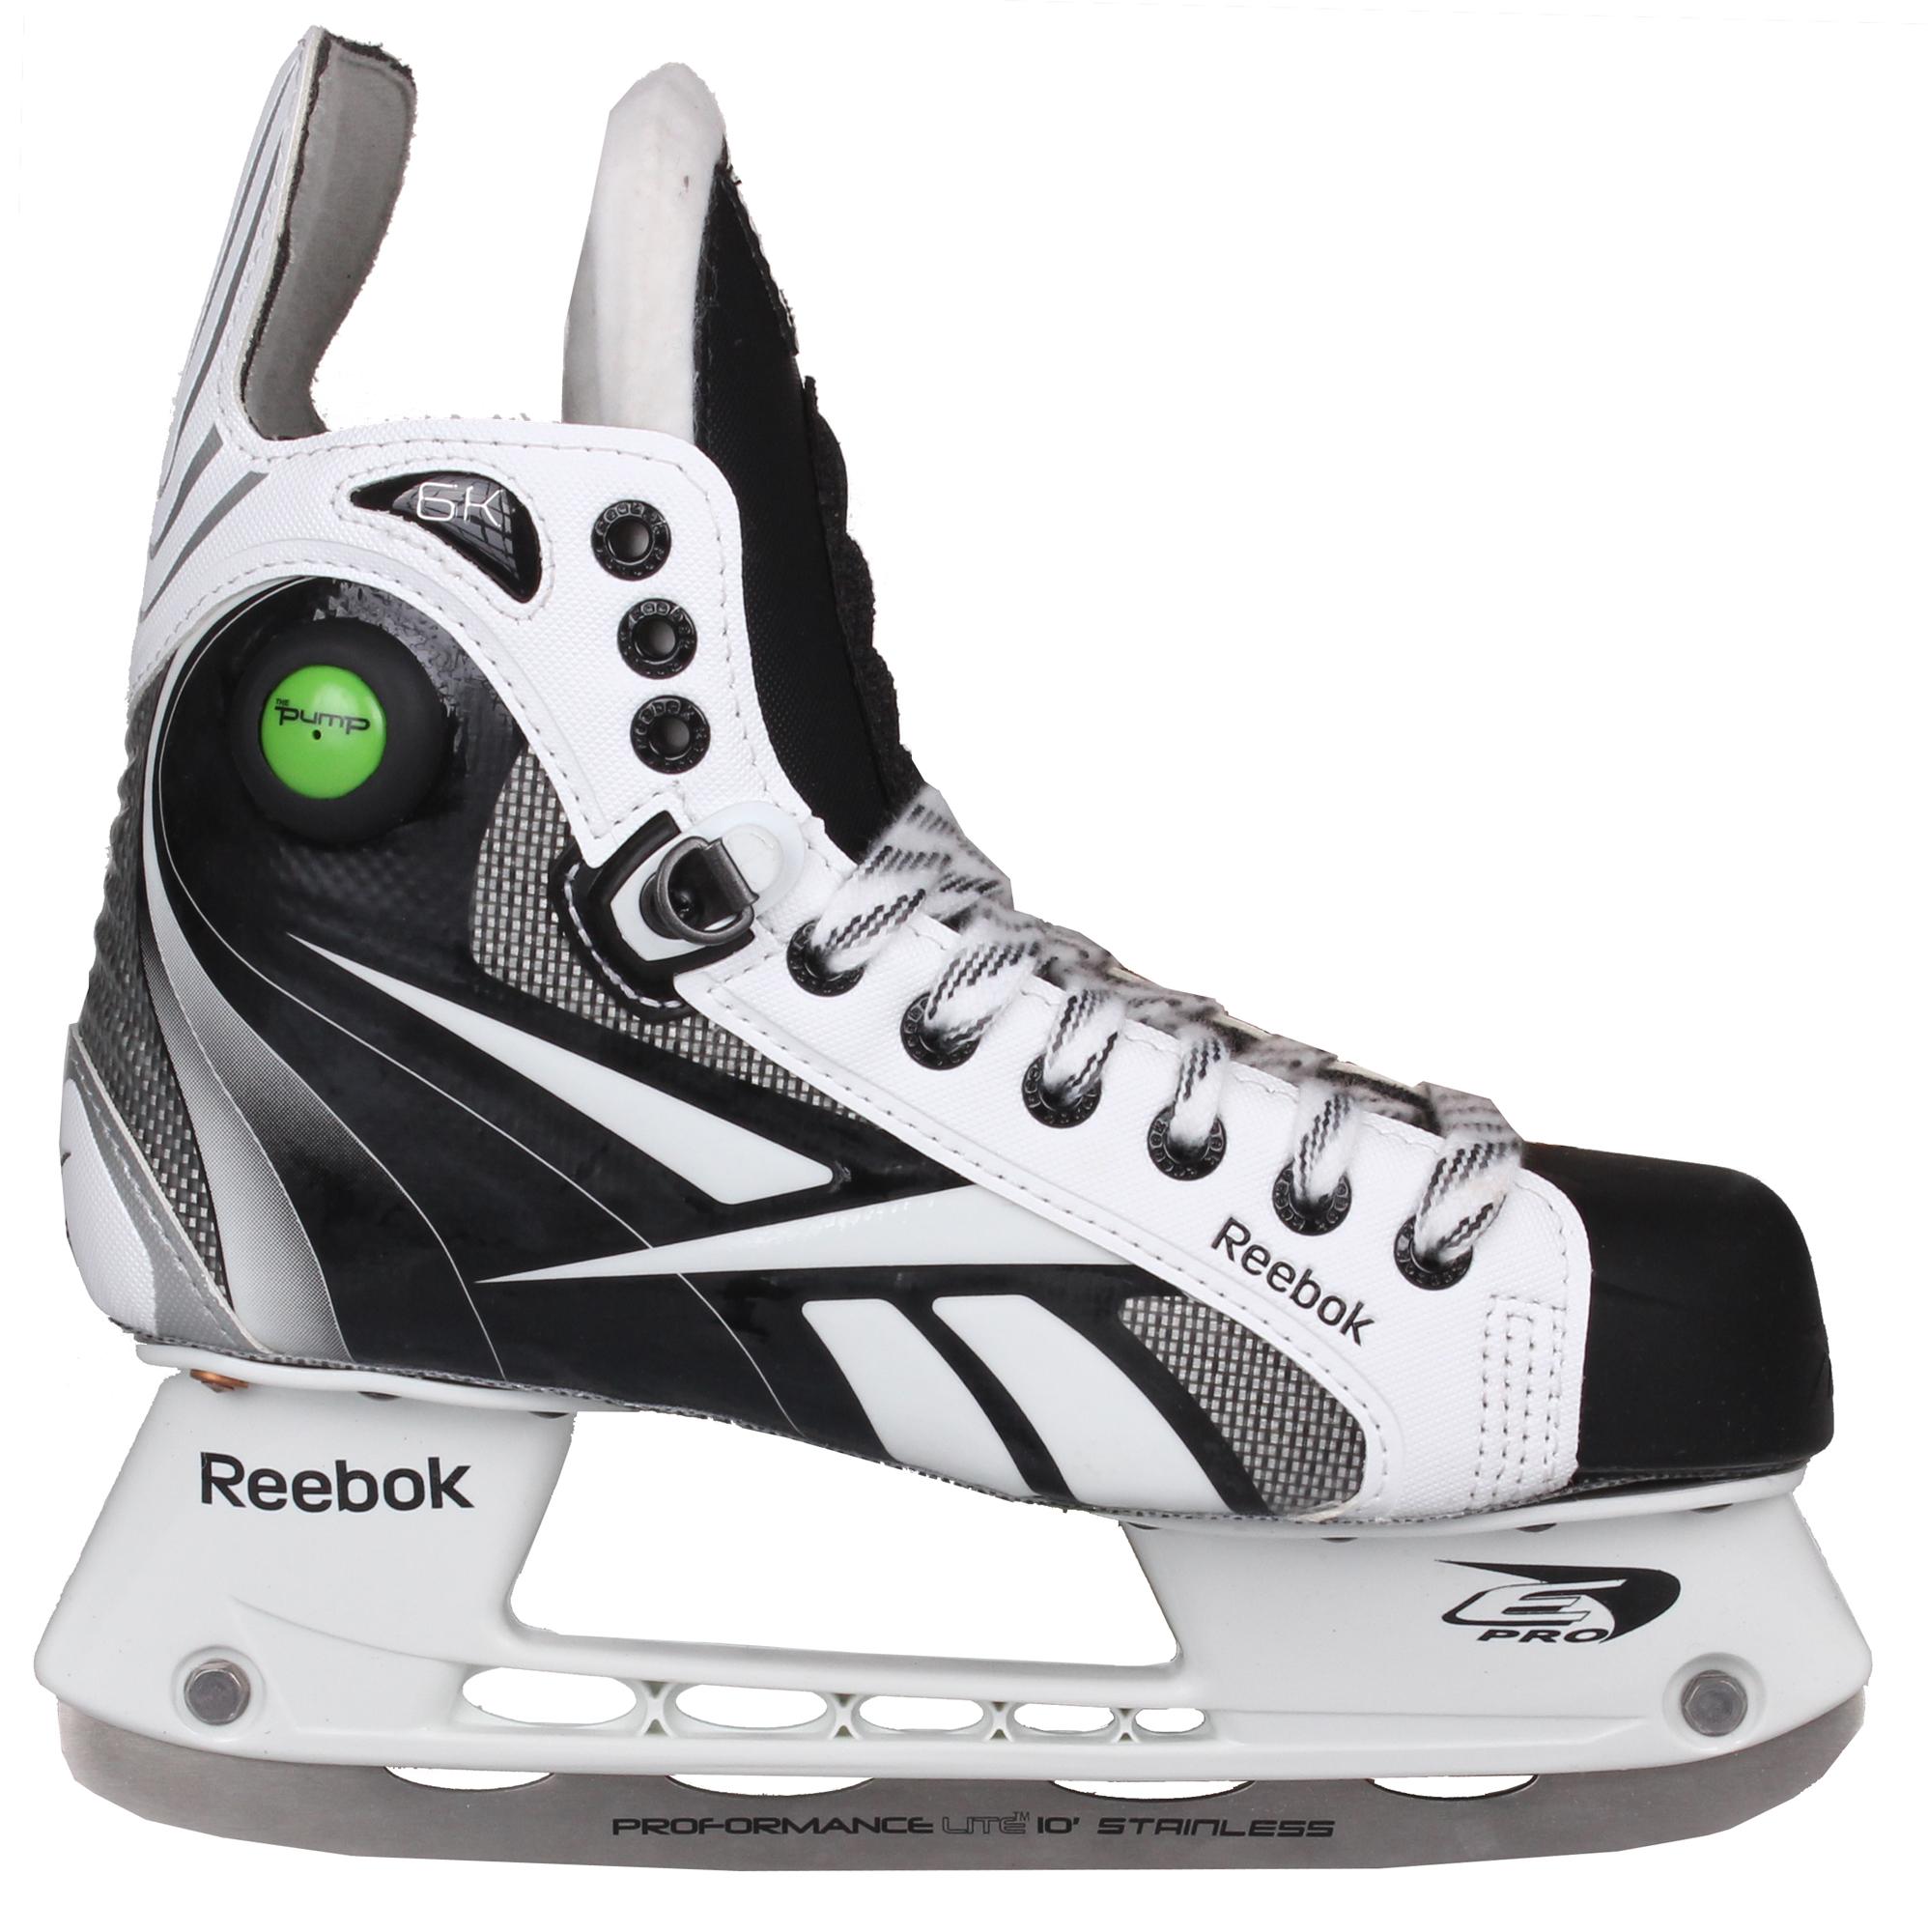 REEBOK RBK 6K Pump, JR hokejové brusle, šíře D